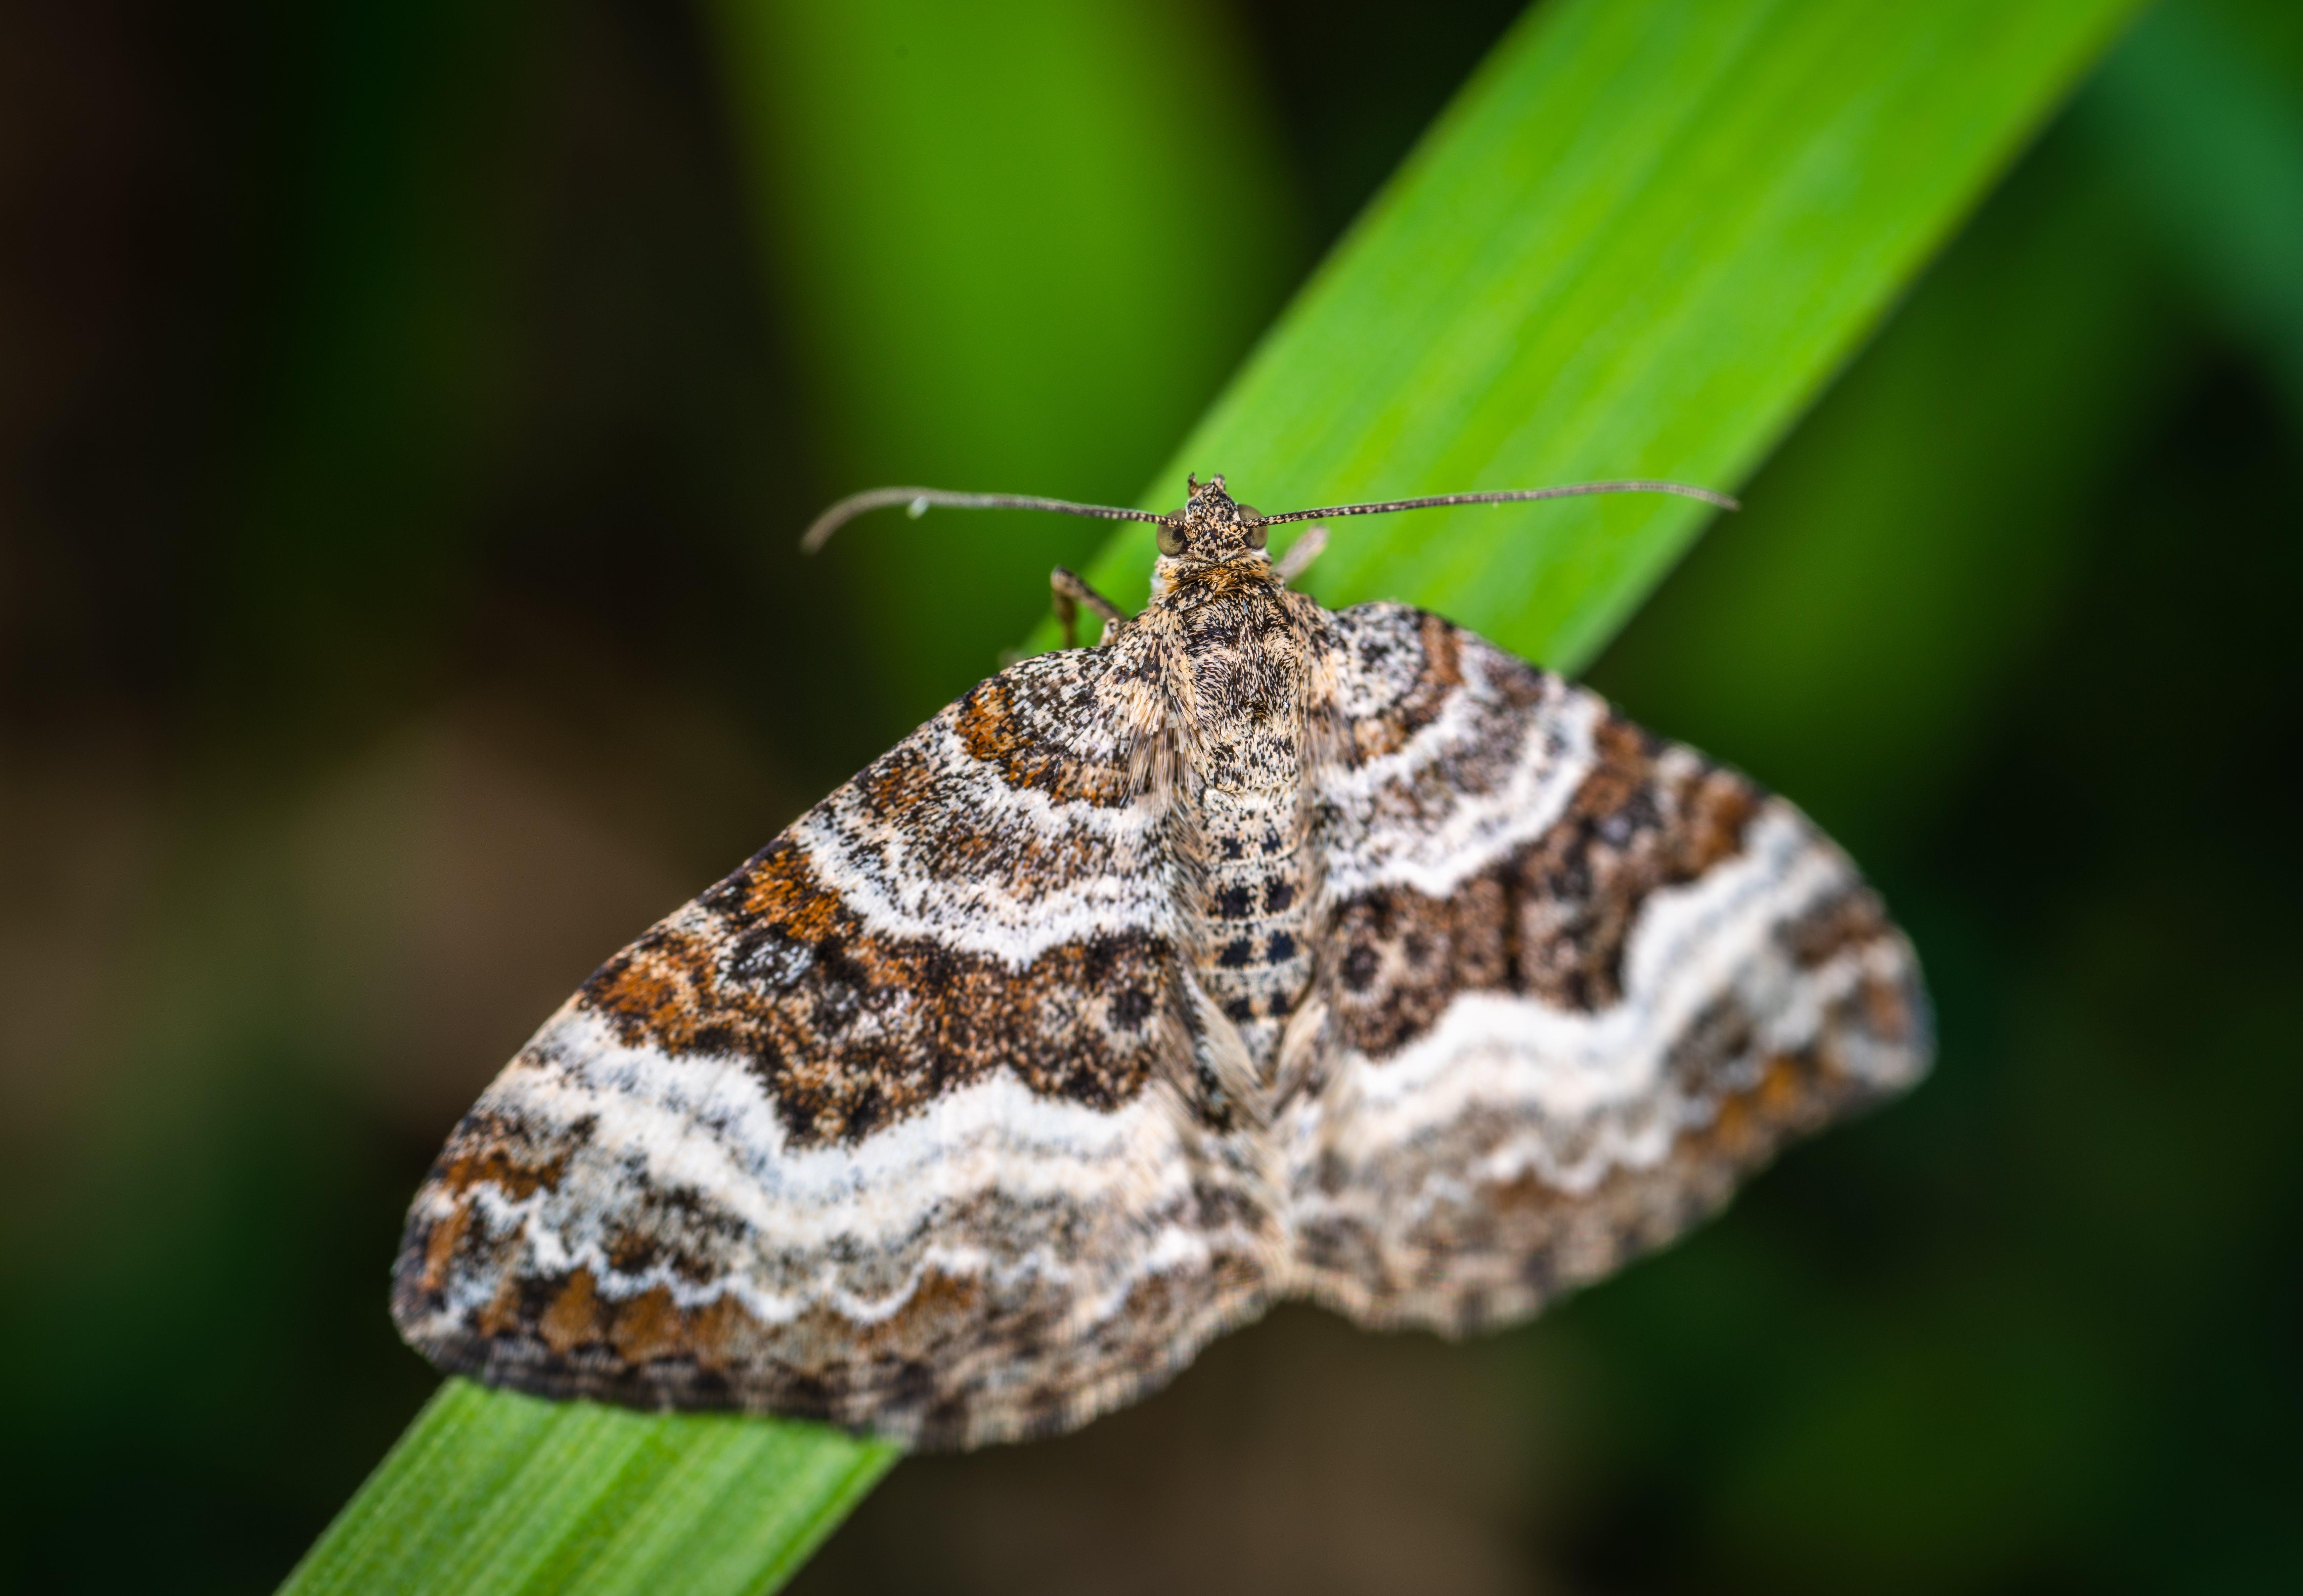 곤충, 곤충학, 나방, 나비의 무료 스톡 사진